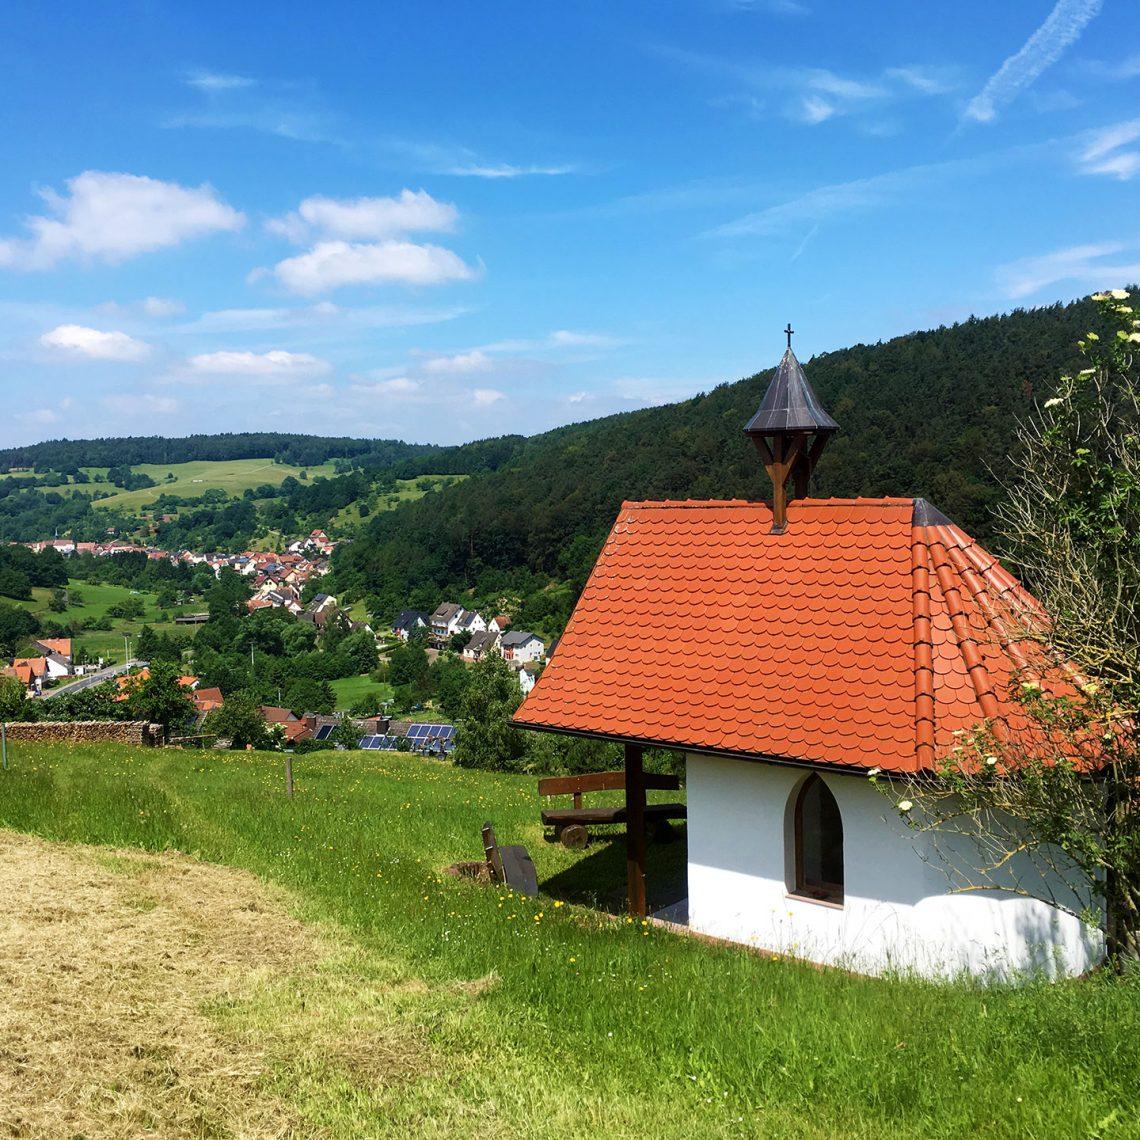 Schattenspender und Rastort in einem: kleine Kapellen am Wegesrand gibt es häufig.